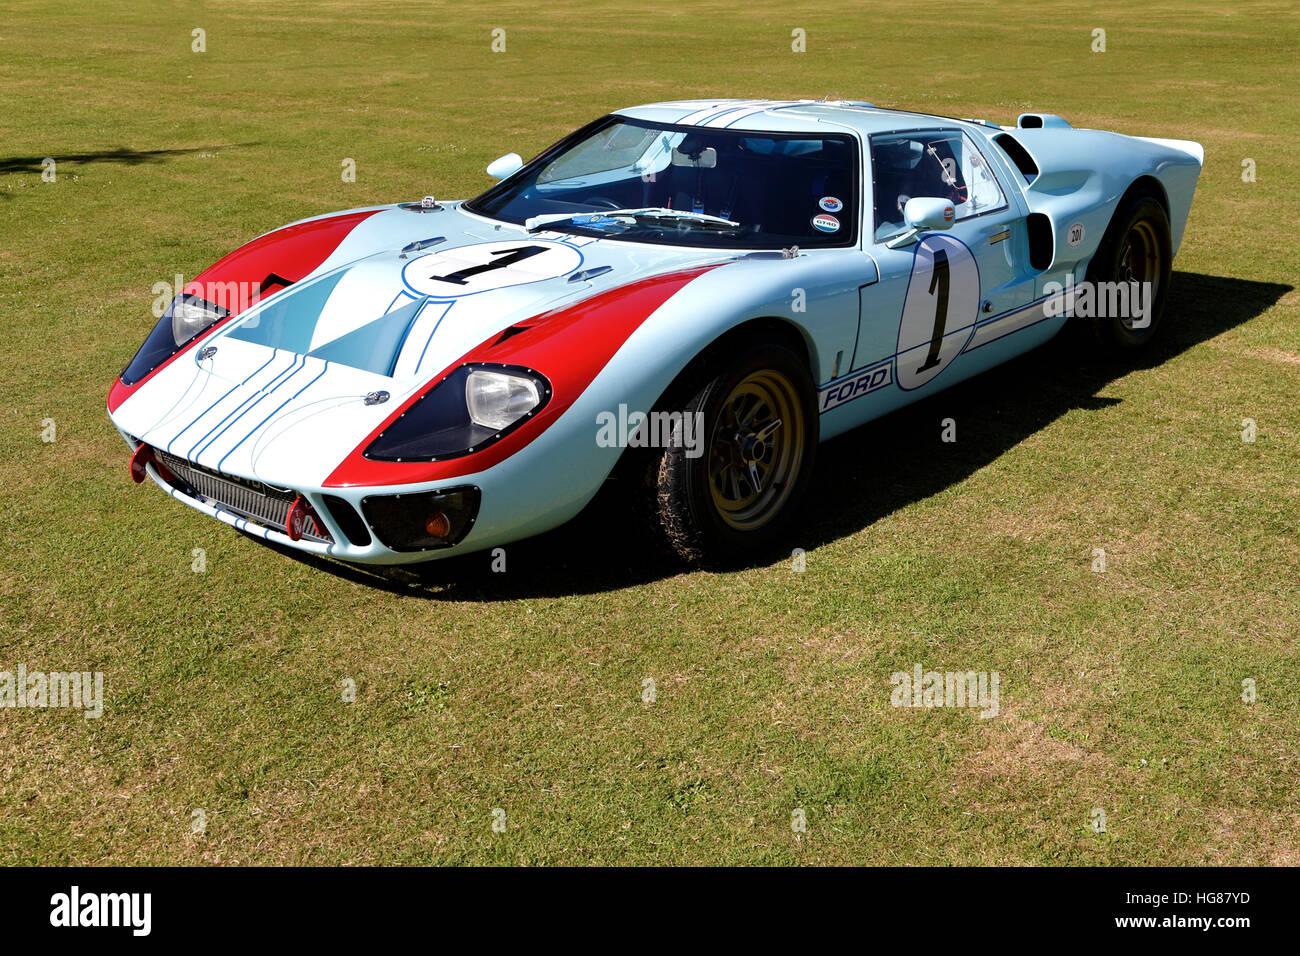 Endurance Racing Stock Photos Endurance Racing Stock Images Alamy